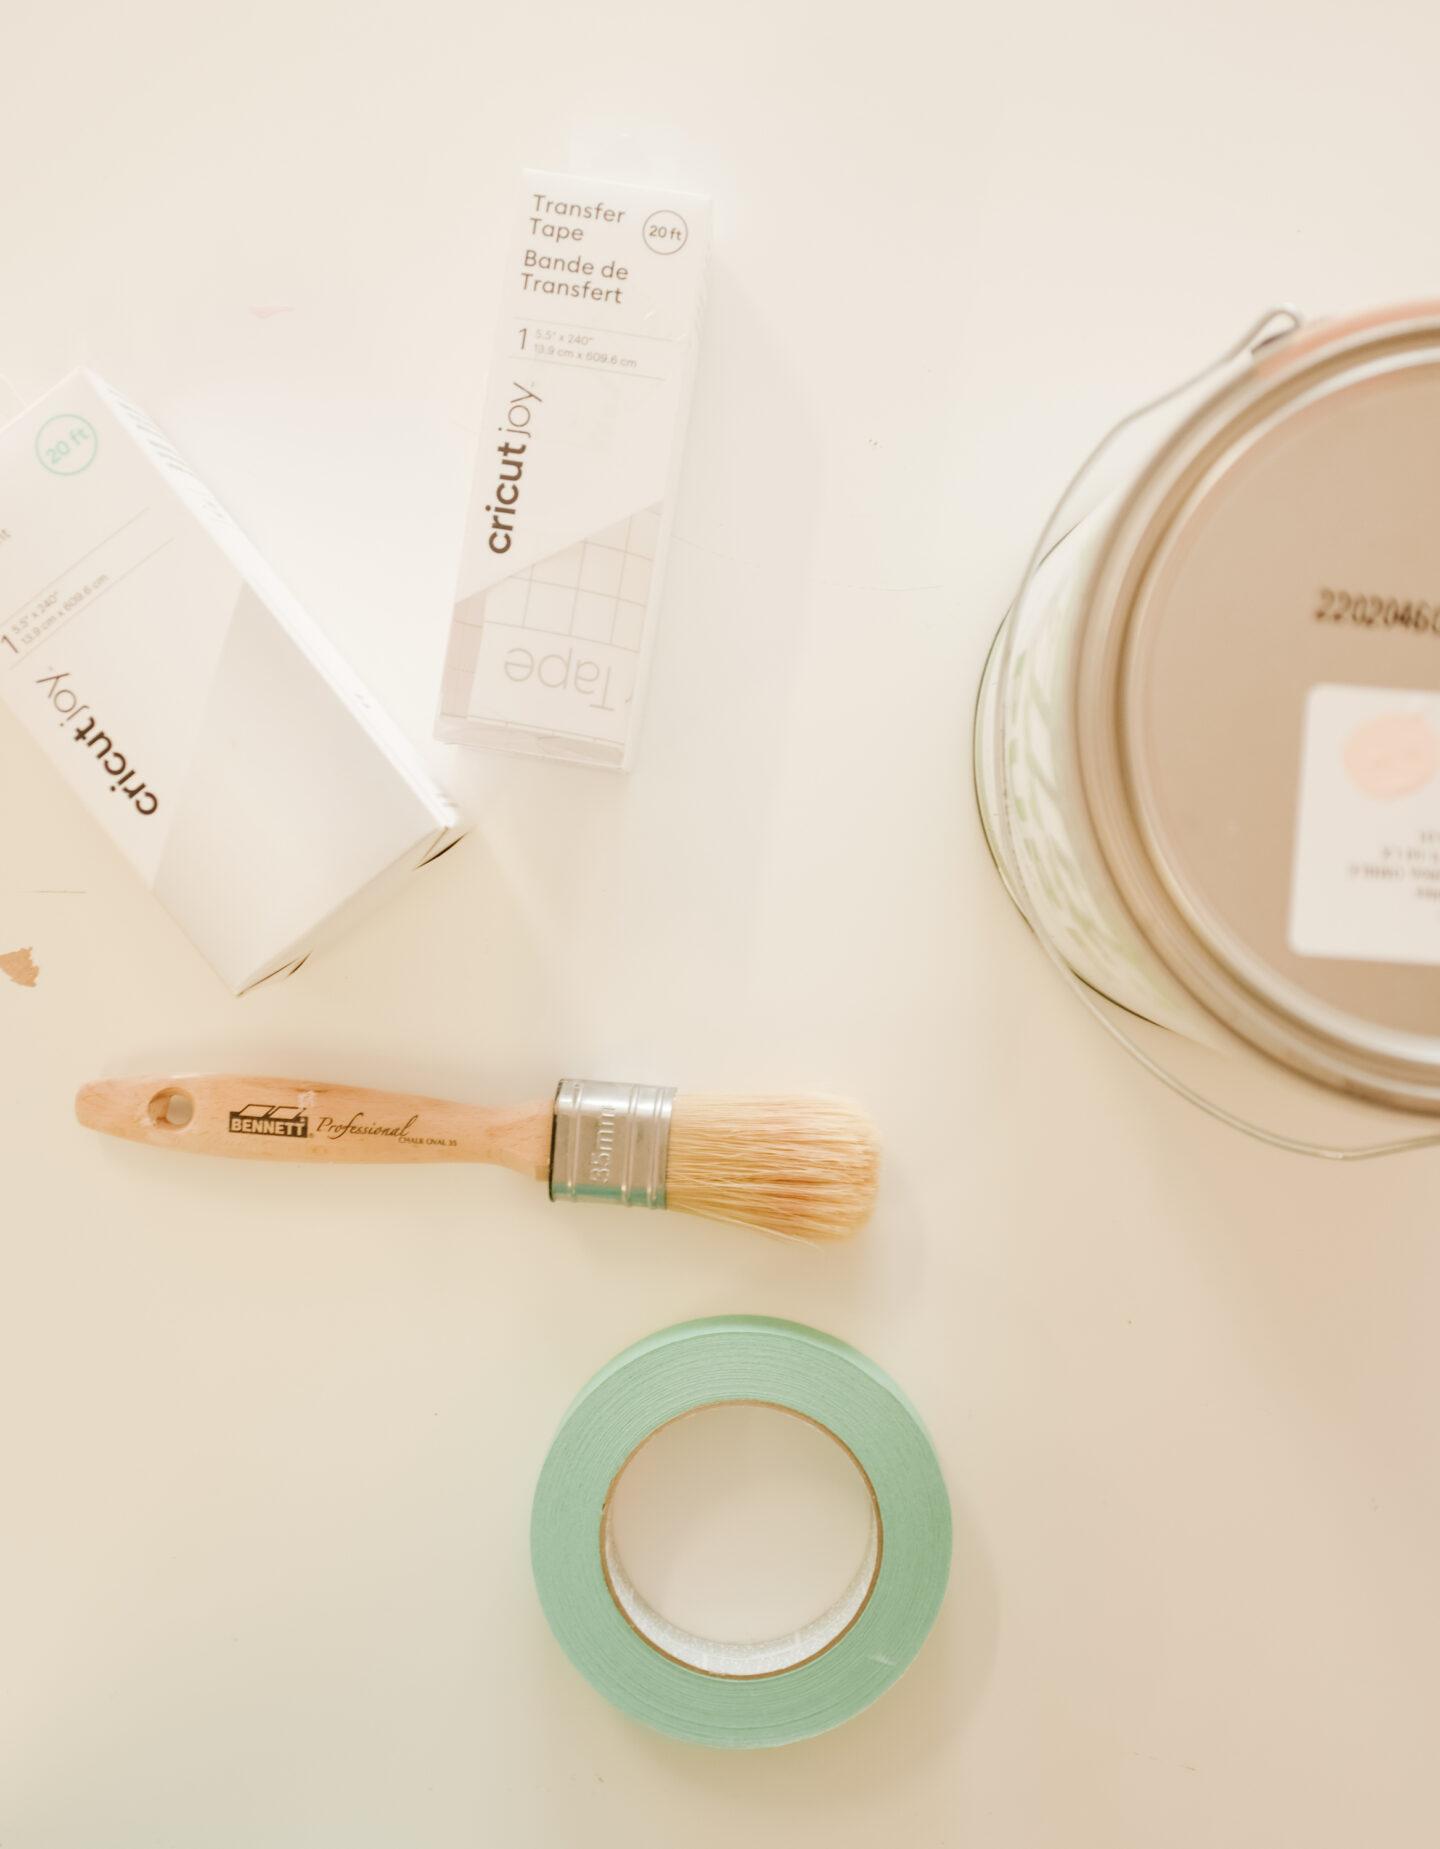 Glossier Mirror DIY materials